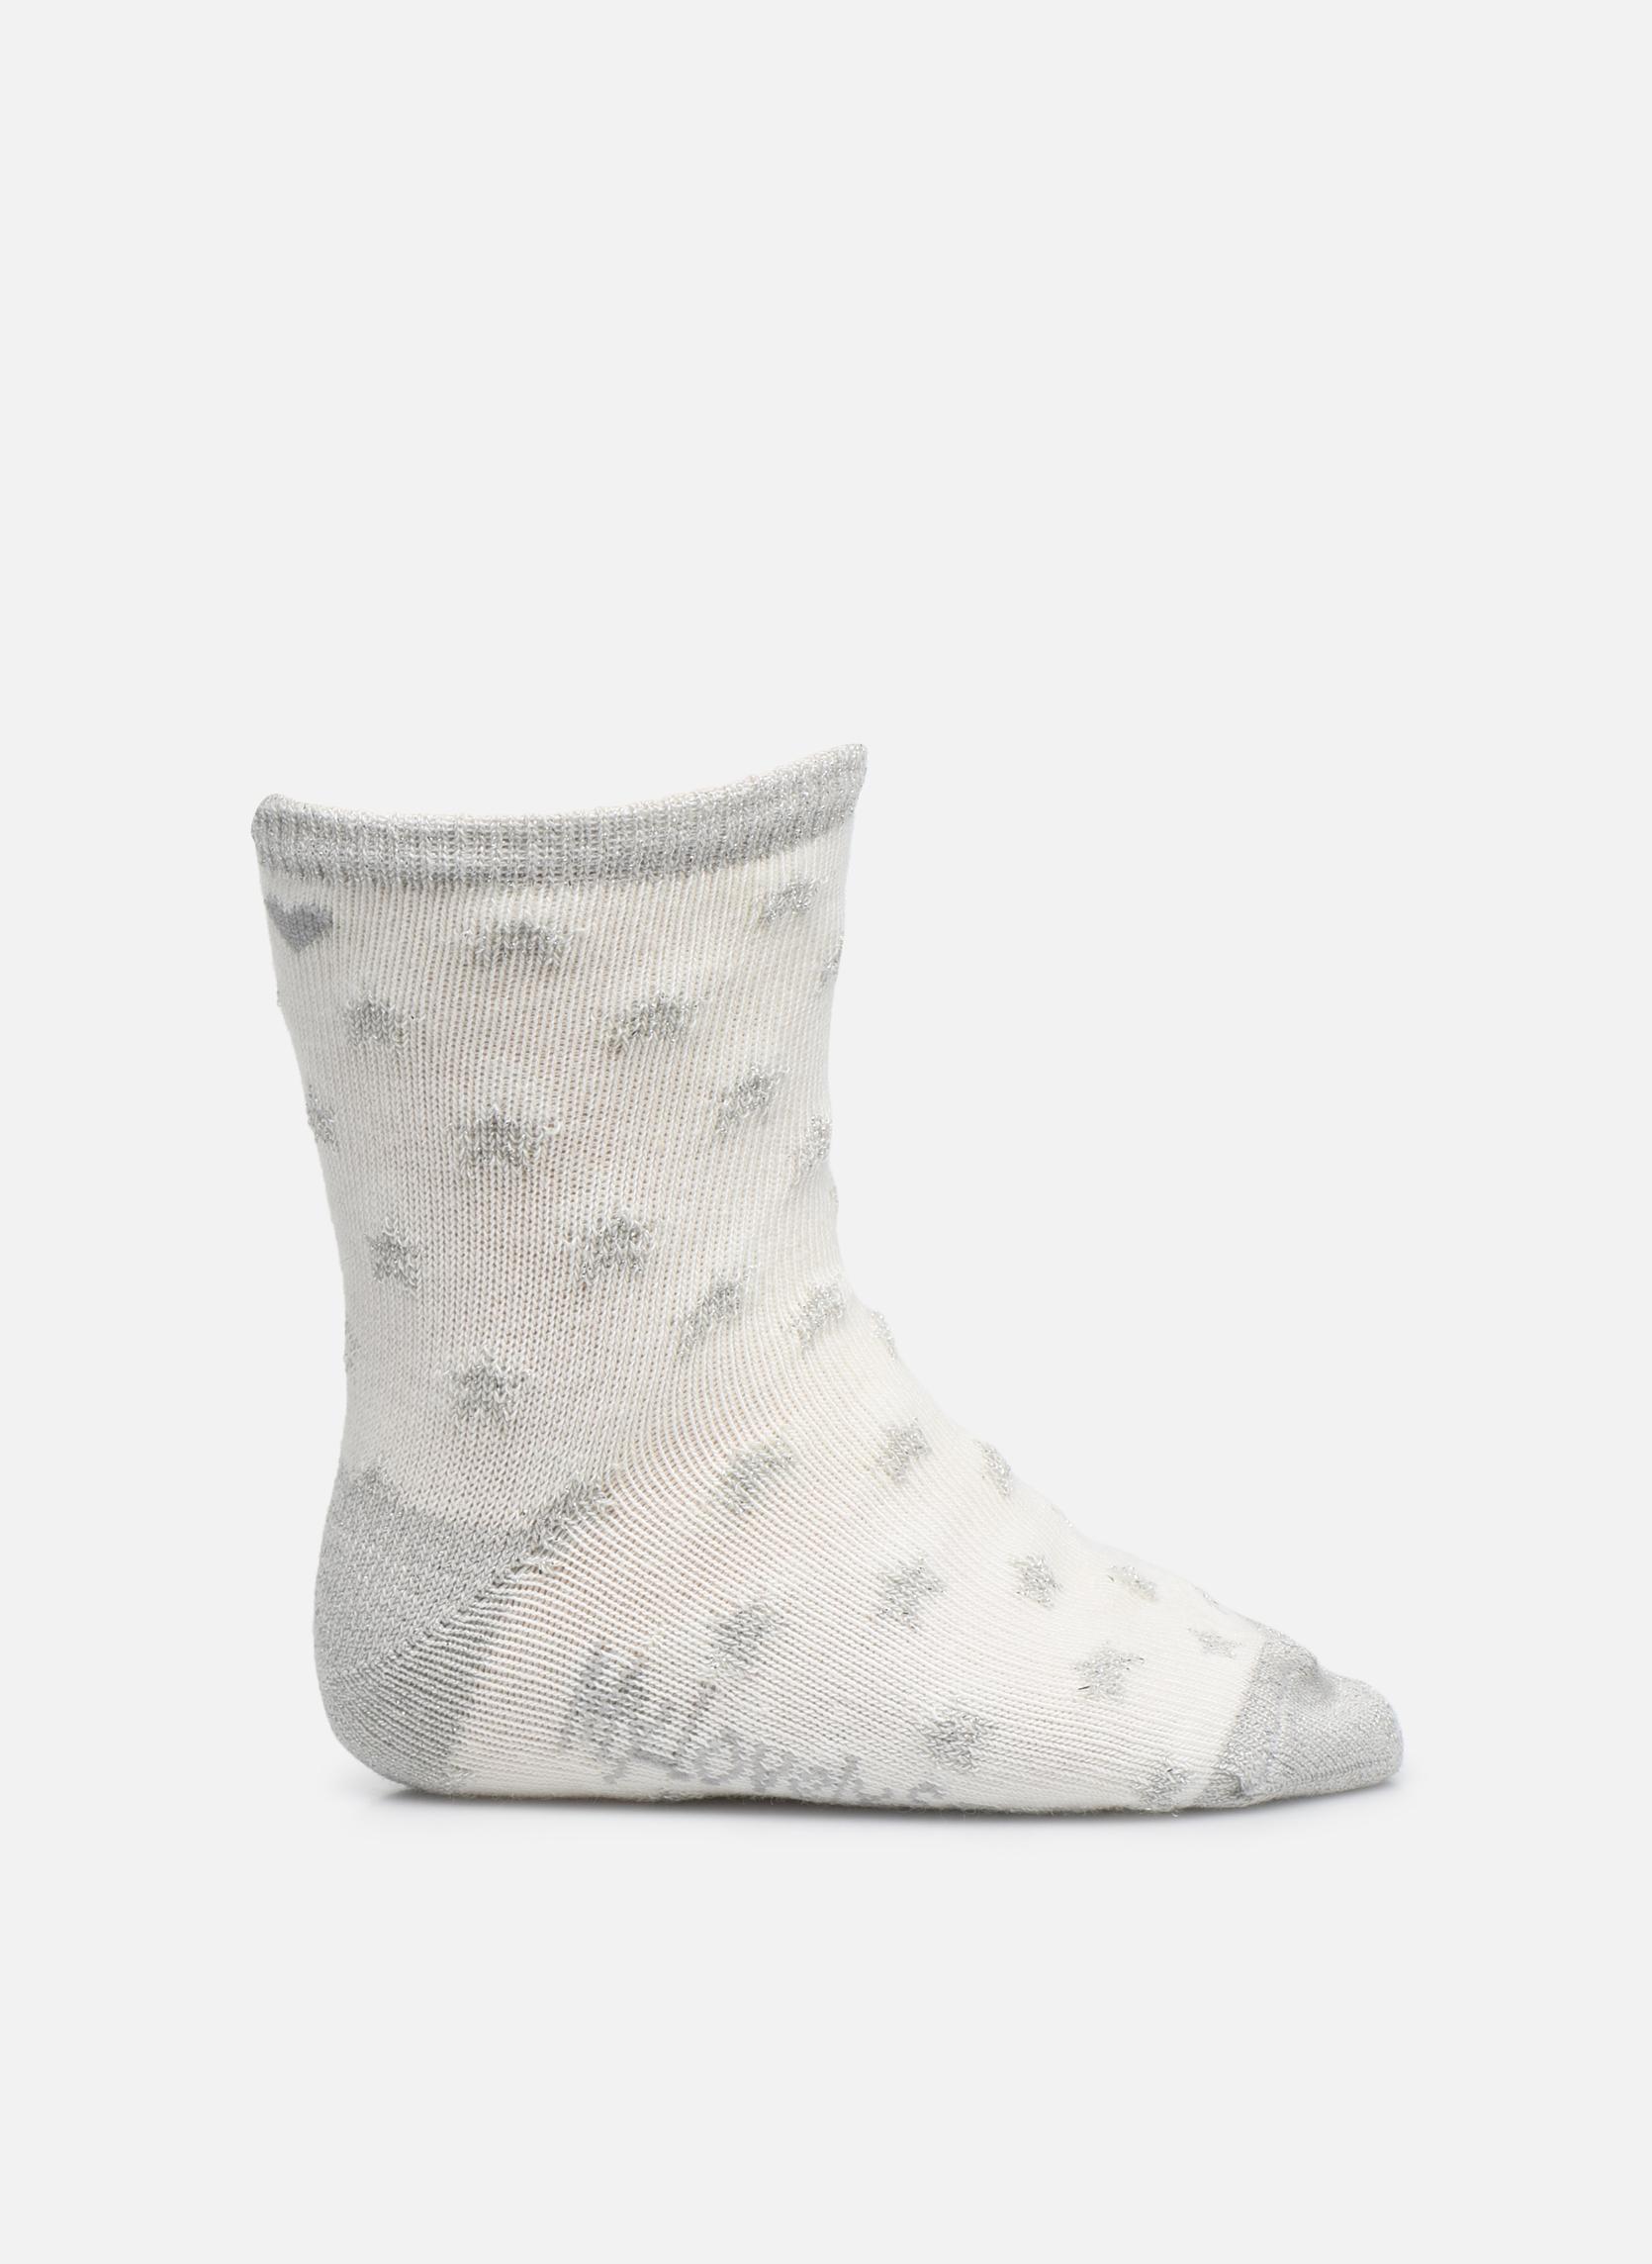 Chaussettes Mixte Celeste Stars blanc et gris argenté